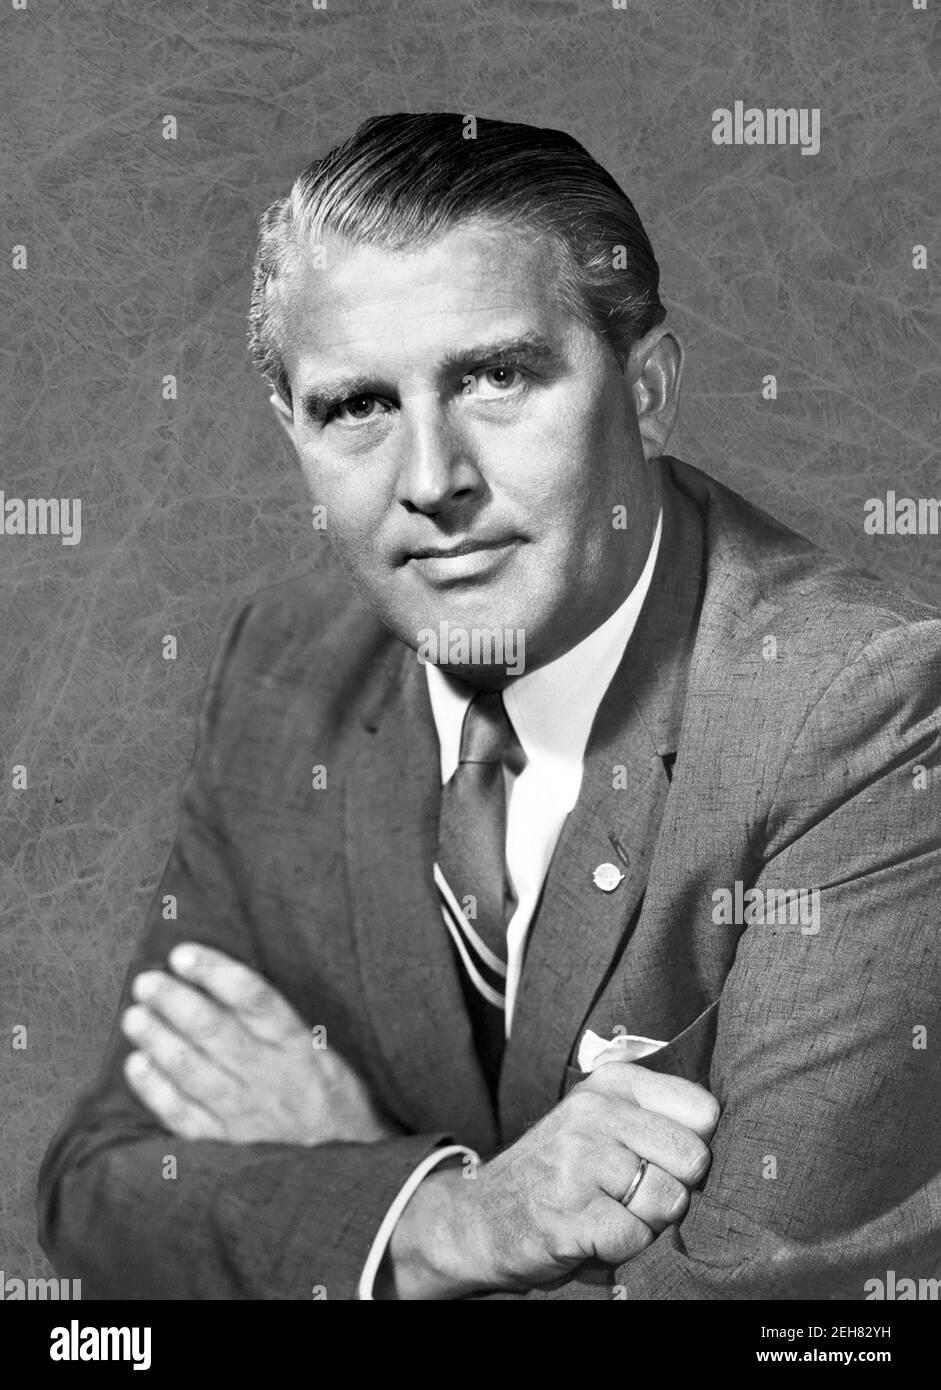 Wernher von Braun. Porträt des deutsch-amerikanischen Raumfahrtingenieurs und Raketenpioniers, Wernher Magnus Maximilian Freiherr von Braun (1912-1977), 1960 Stockfoto